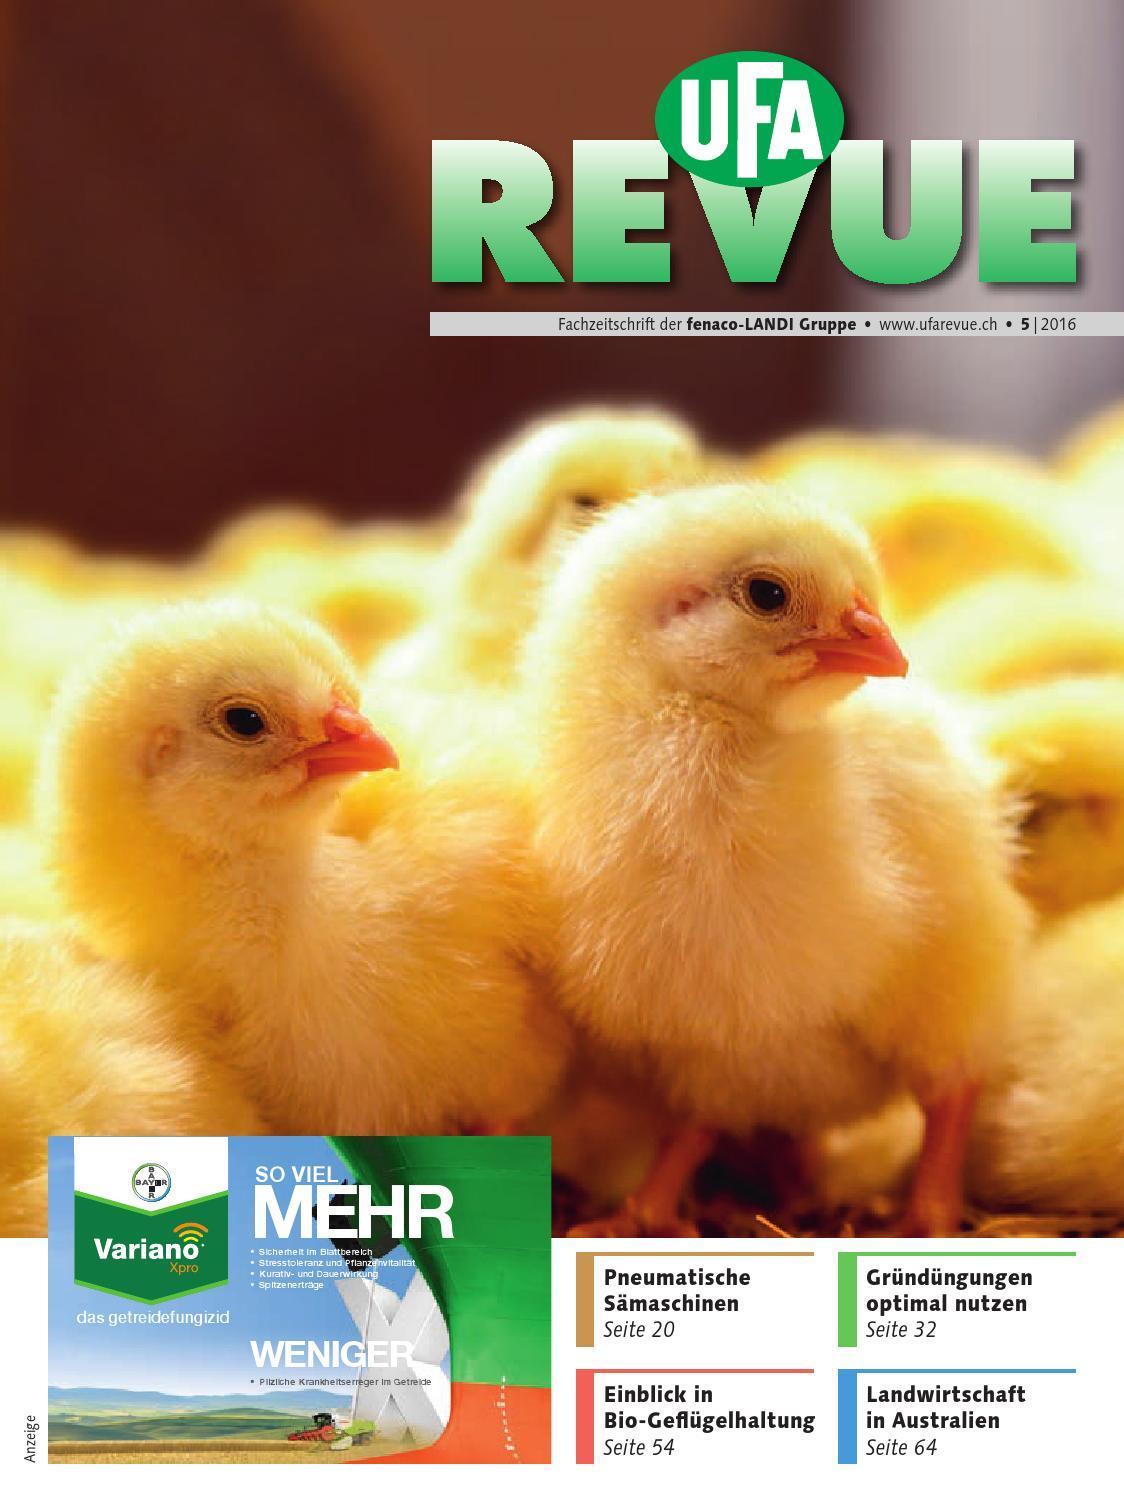 UFA-Revue 05/2016 by fenaco Genossenschaft - issuu